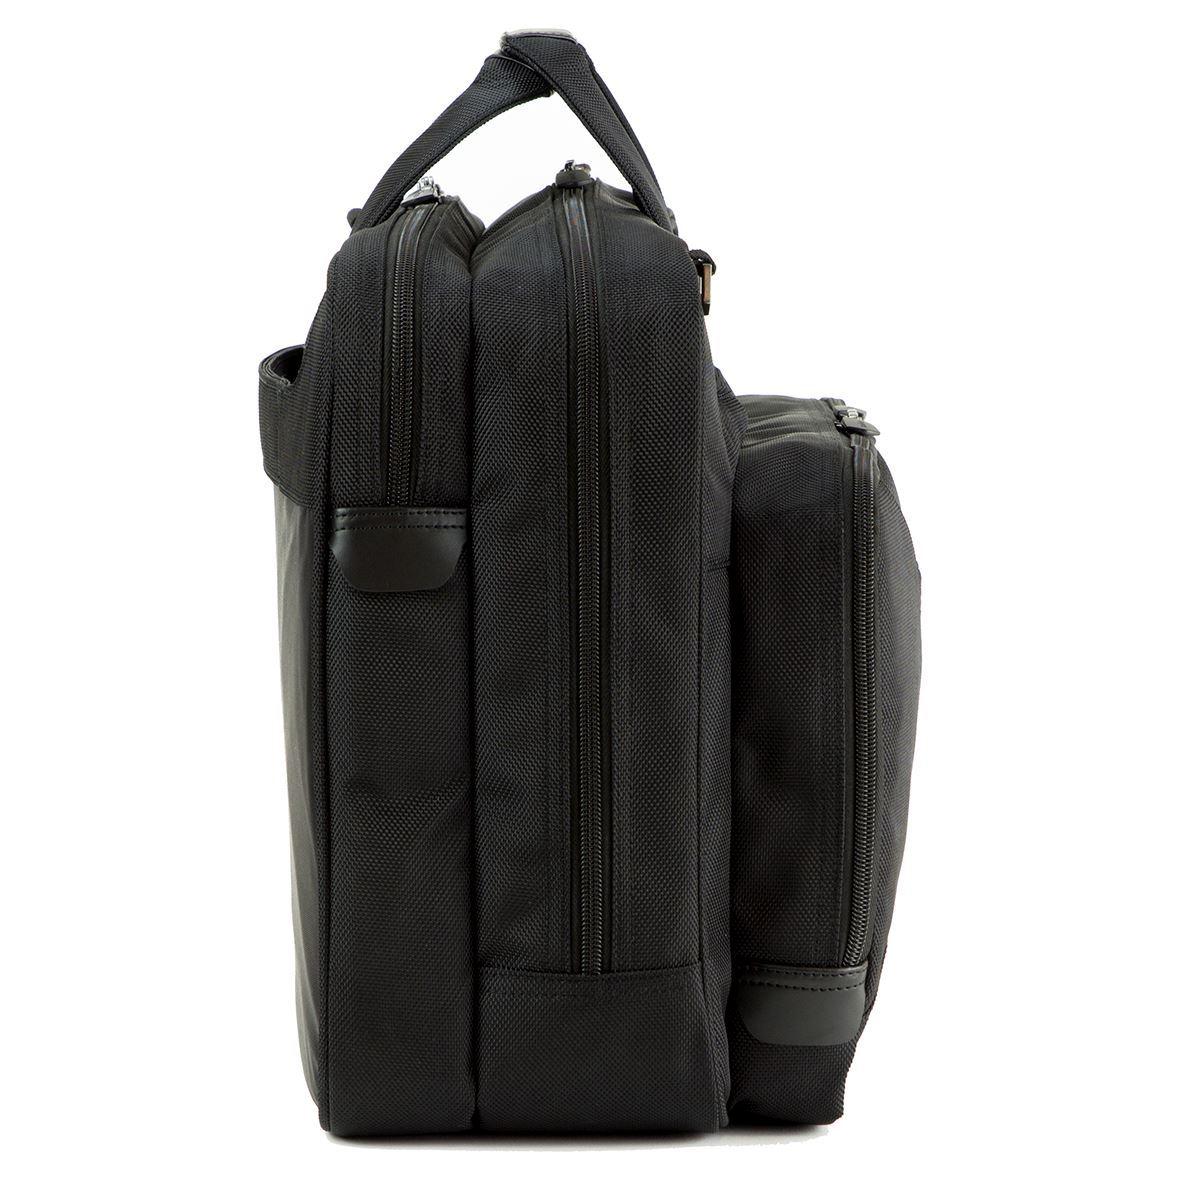 corporate traveller grande capacit sacoche pour ordinateur portable 15 6 noir. Black Bedroom Furniture Sets. Home Design Ideas